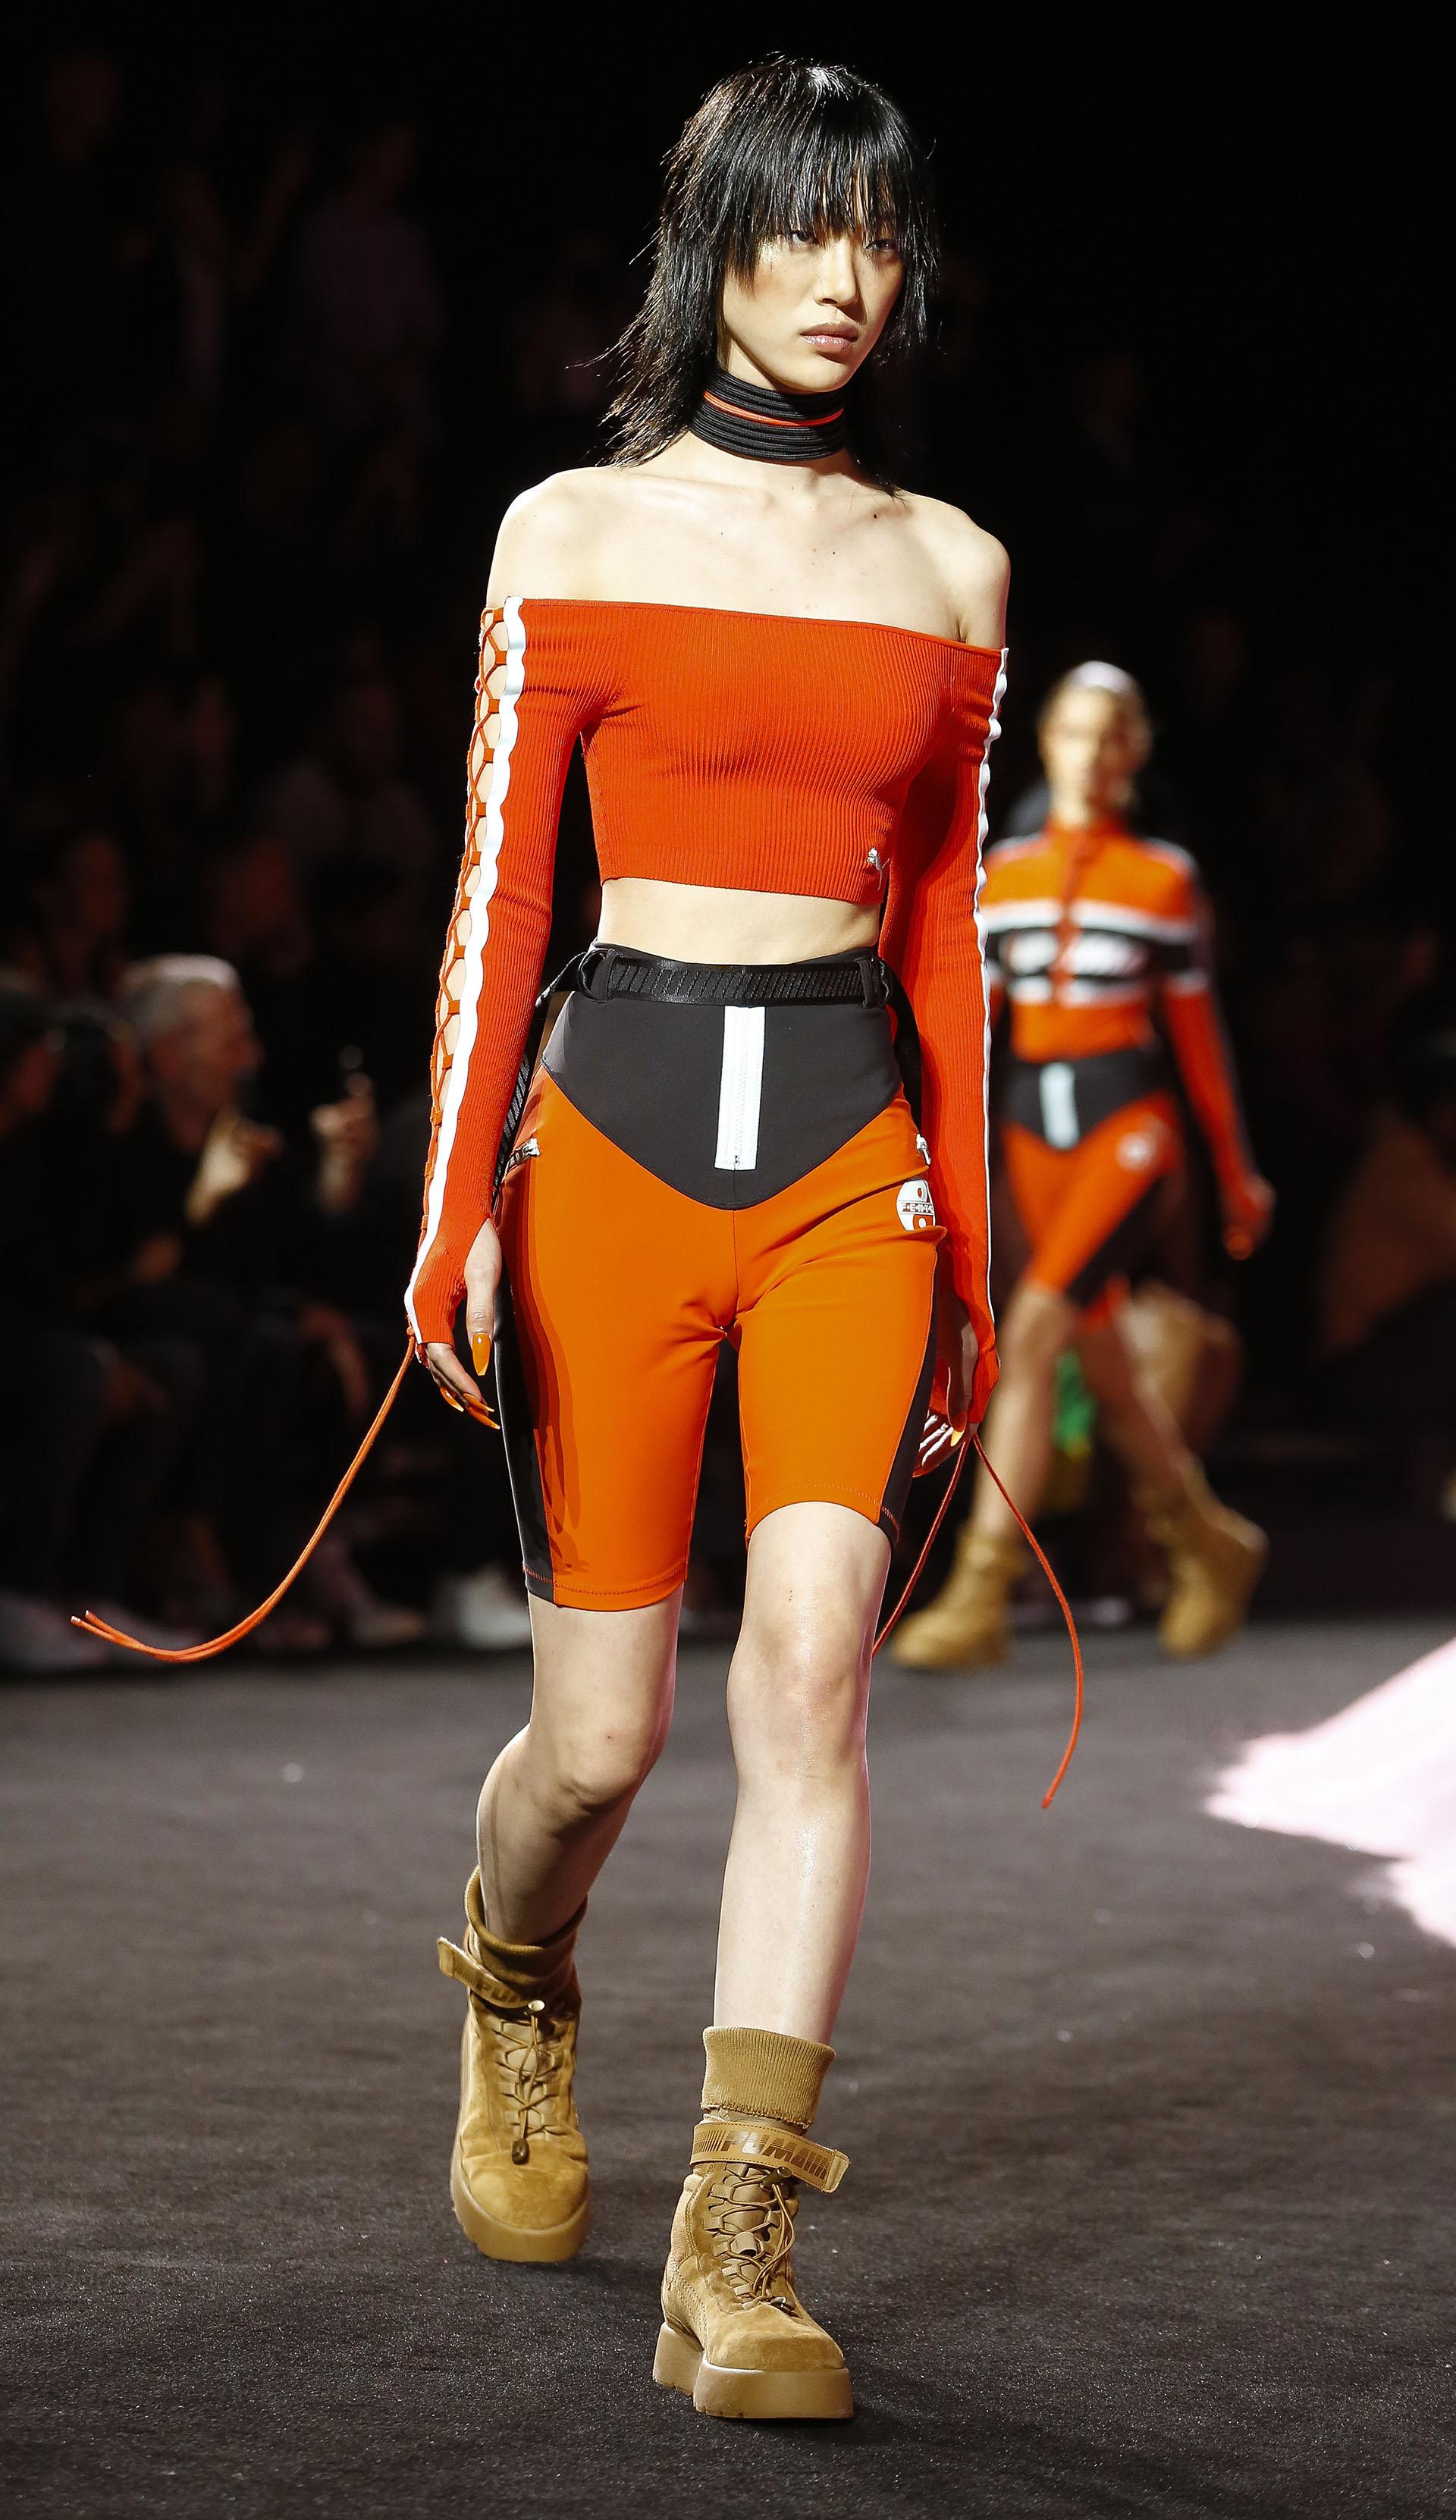 Leggings, tops y chokers cobran un nuevo significado en la pasarela del New York Fashion Week (AP Photo/Bebeto Matthews)